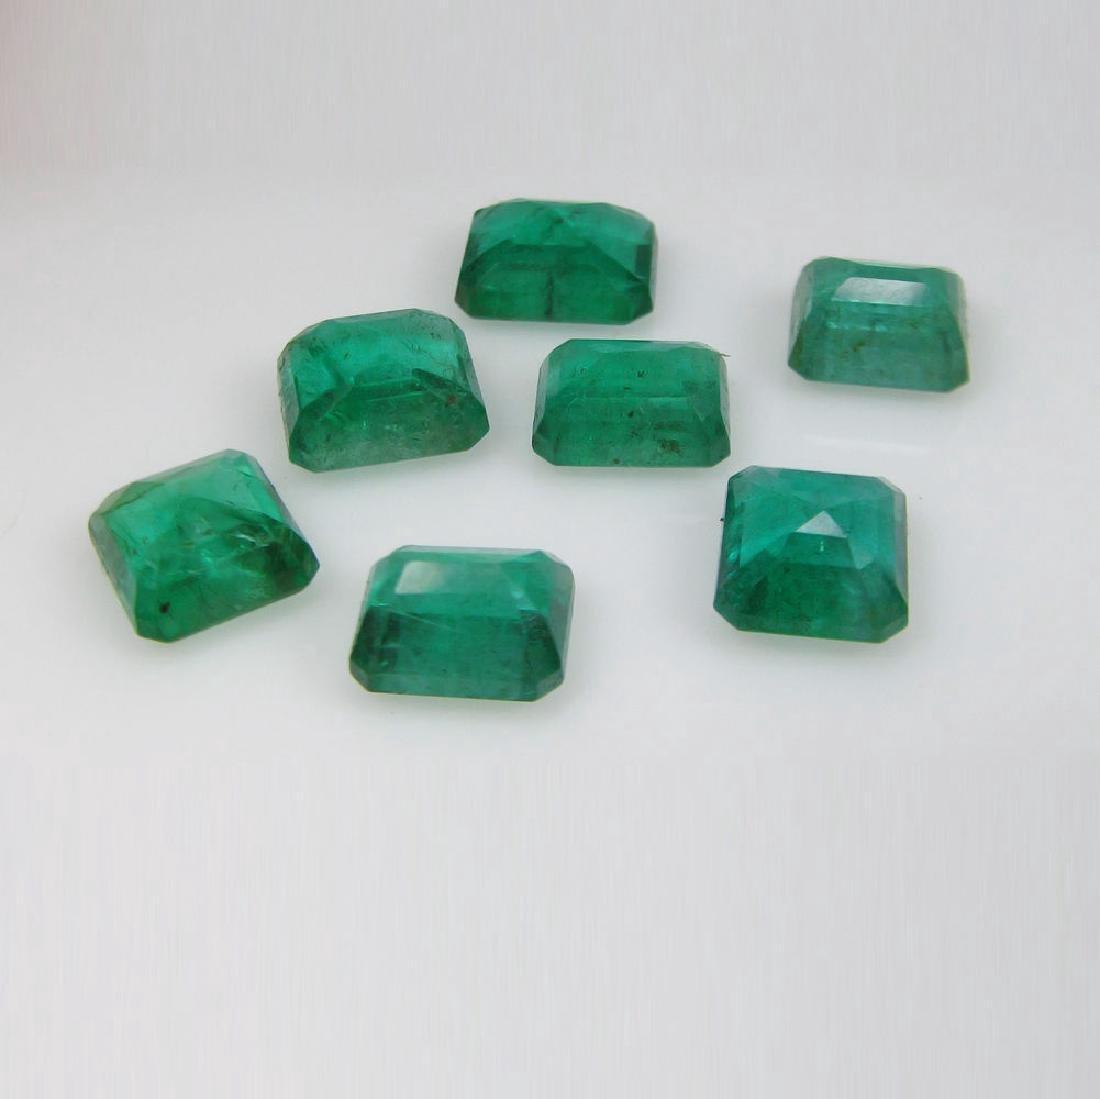 13.19 Carat - 7 Loose Emeralds - 3